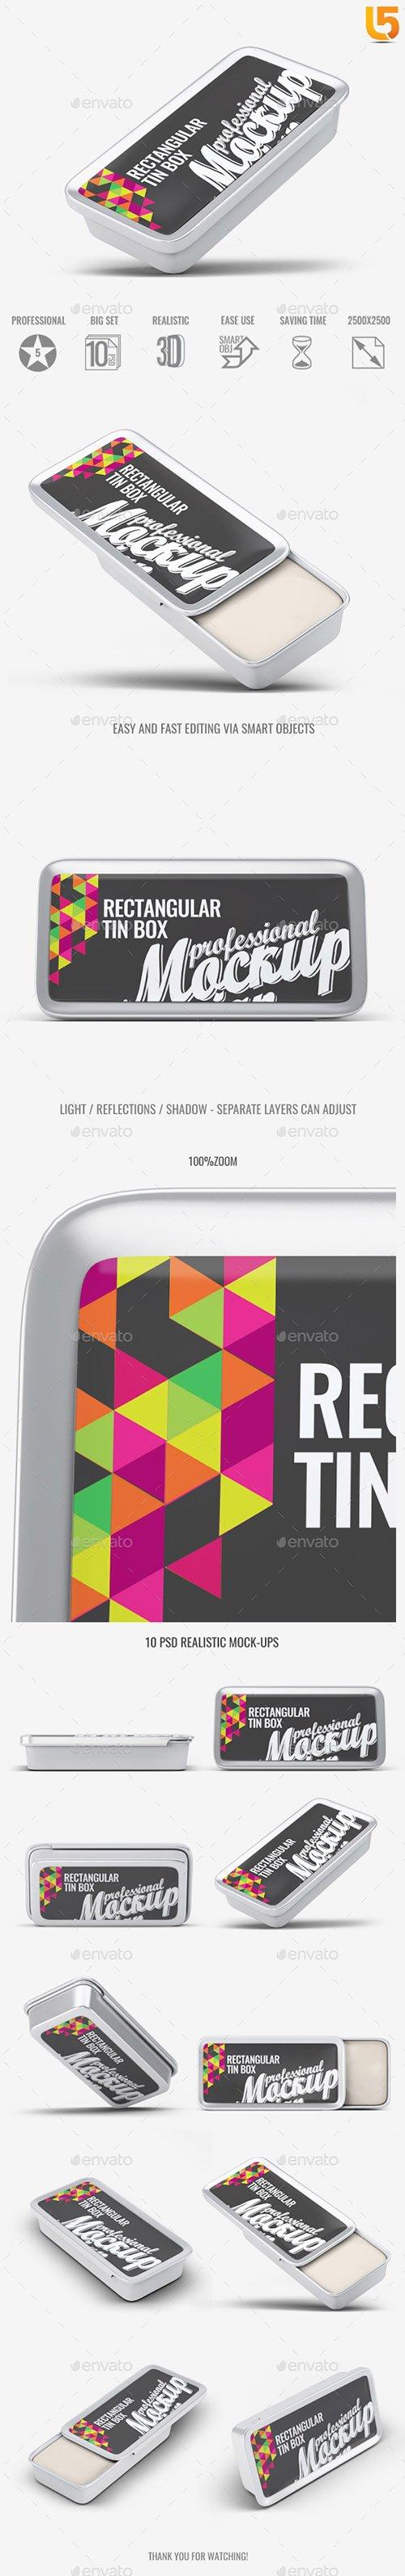 Rectangular Tin Box Mock-Up 22617360